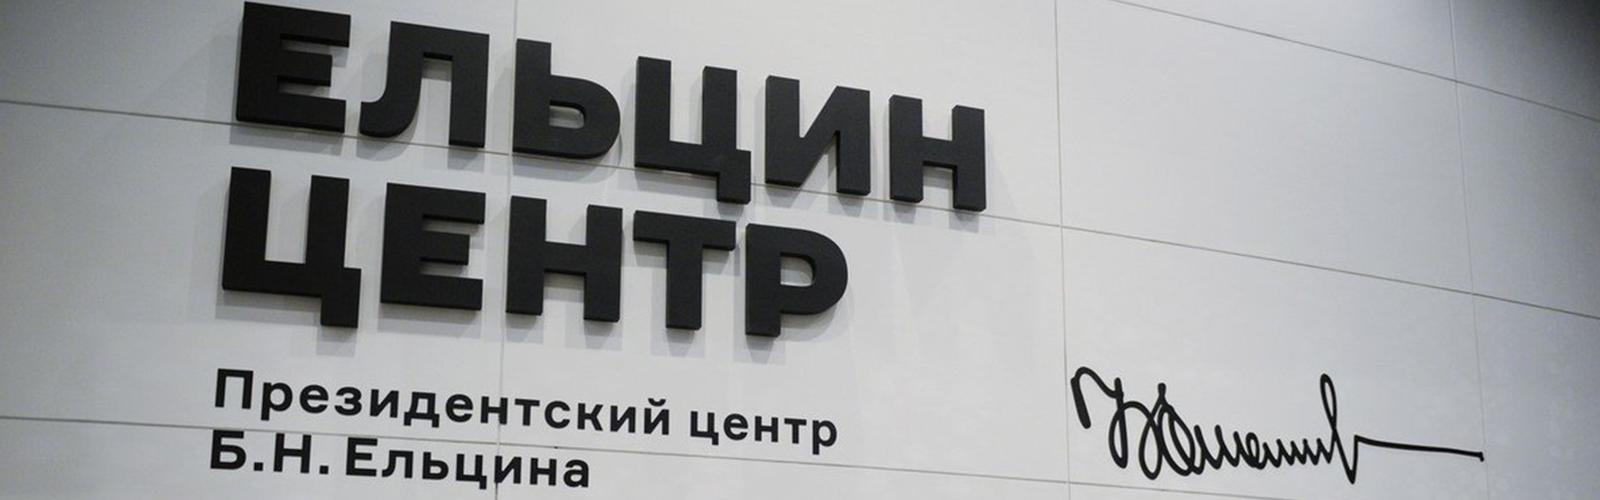 Новые и «старые» проекты Ельцин Центра  в период пандемии